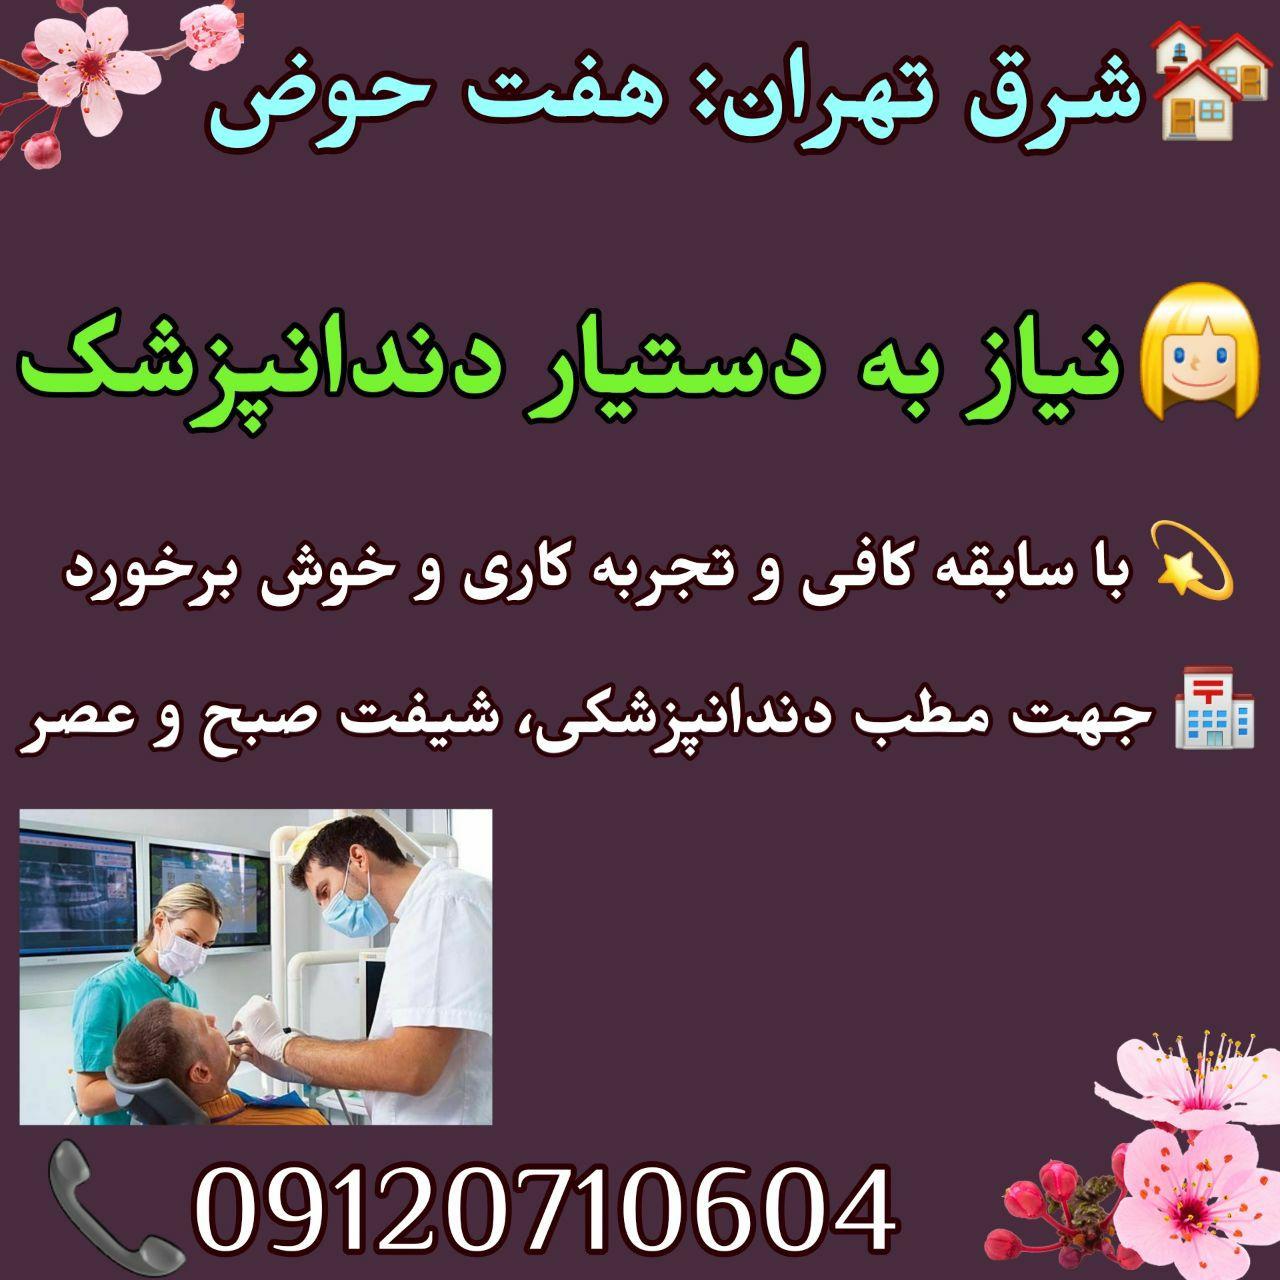 شرق تهران: هفت حوض، نیاز به دستیار دندانپزشک